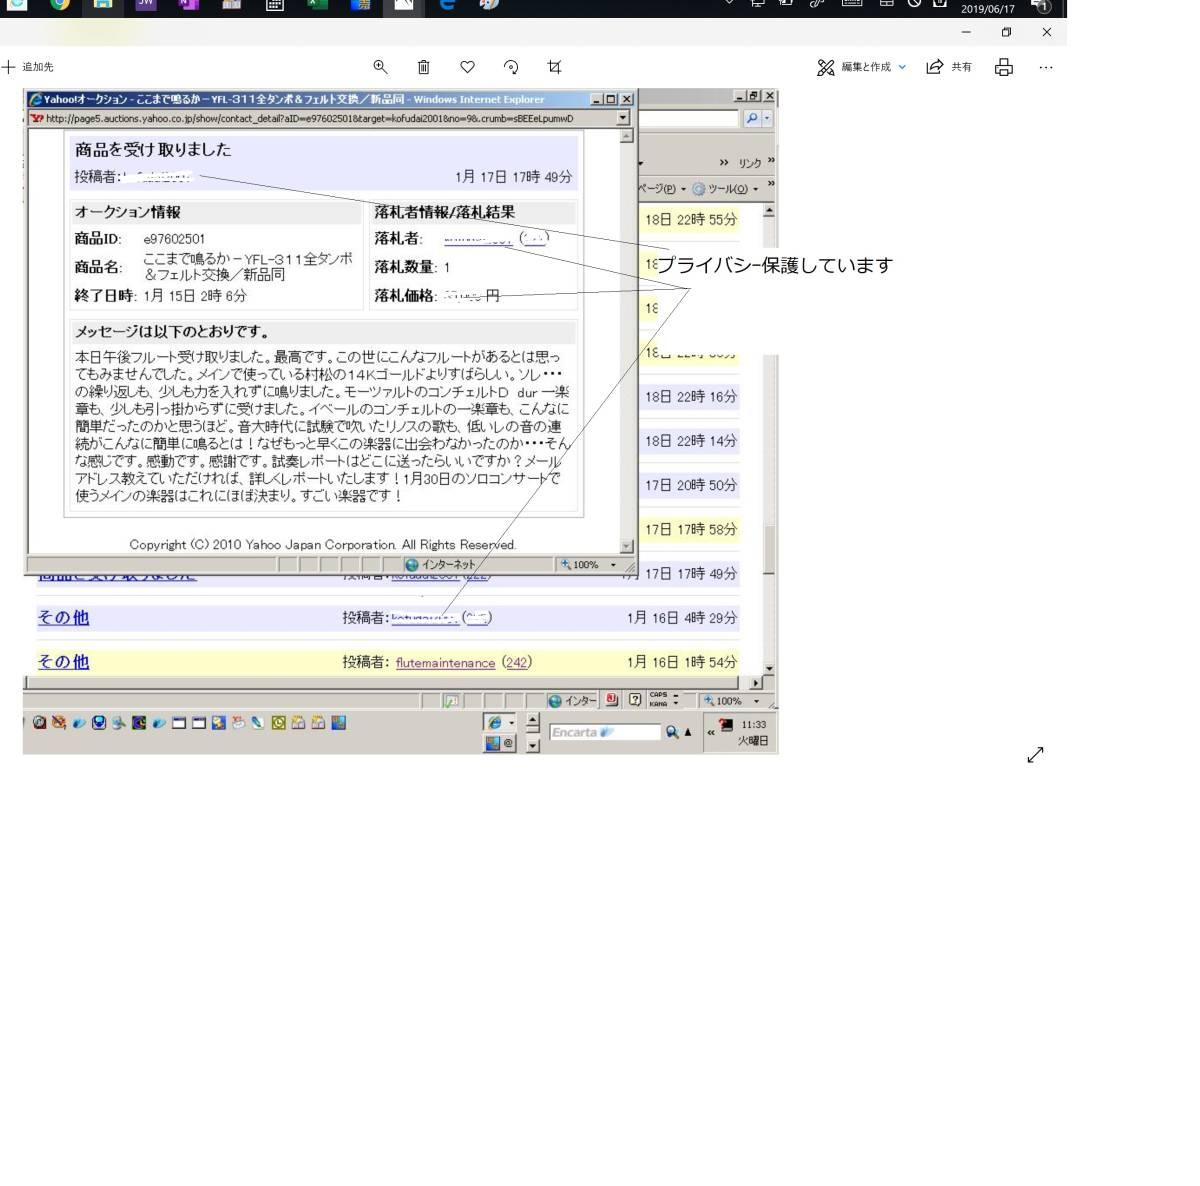 取引ナビの画面コピーです。